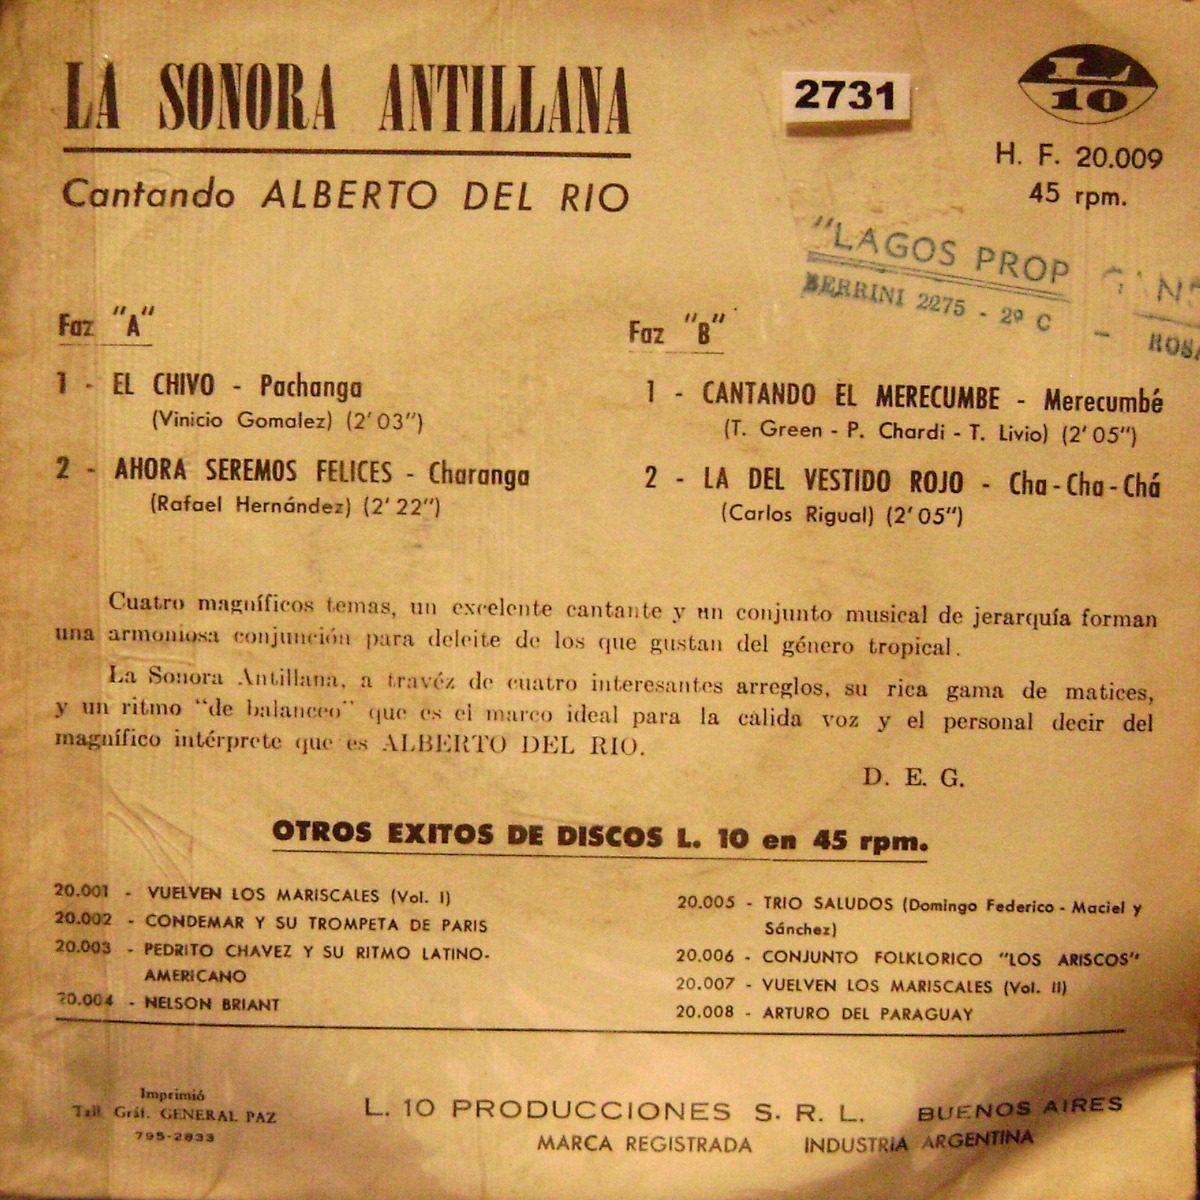 La Sonora Antillana Canta Alberto Del Rio Vinilo Ep Doble - $ 800,00 ...